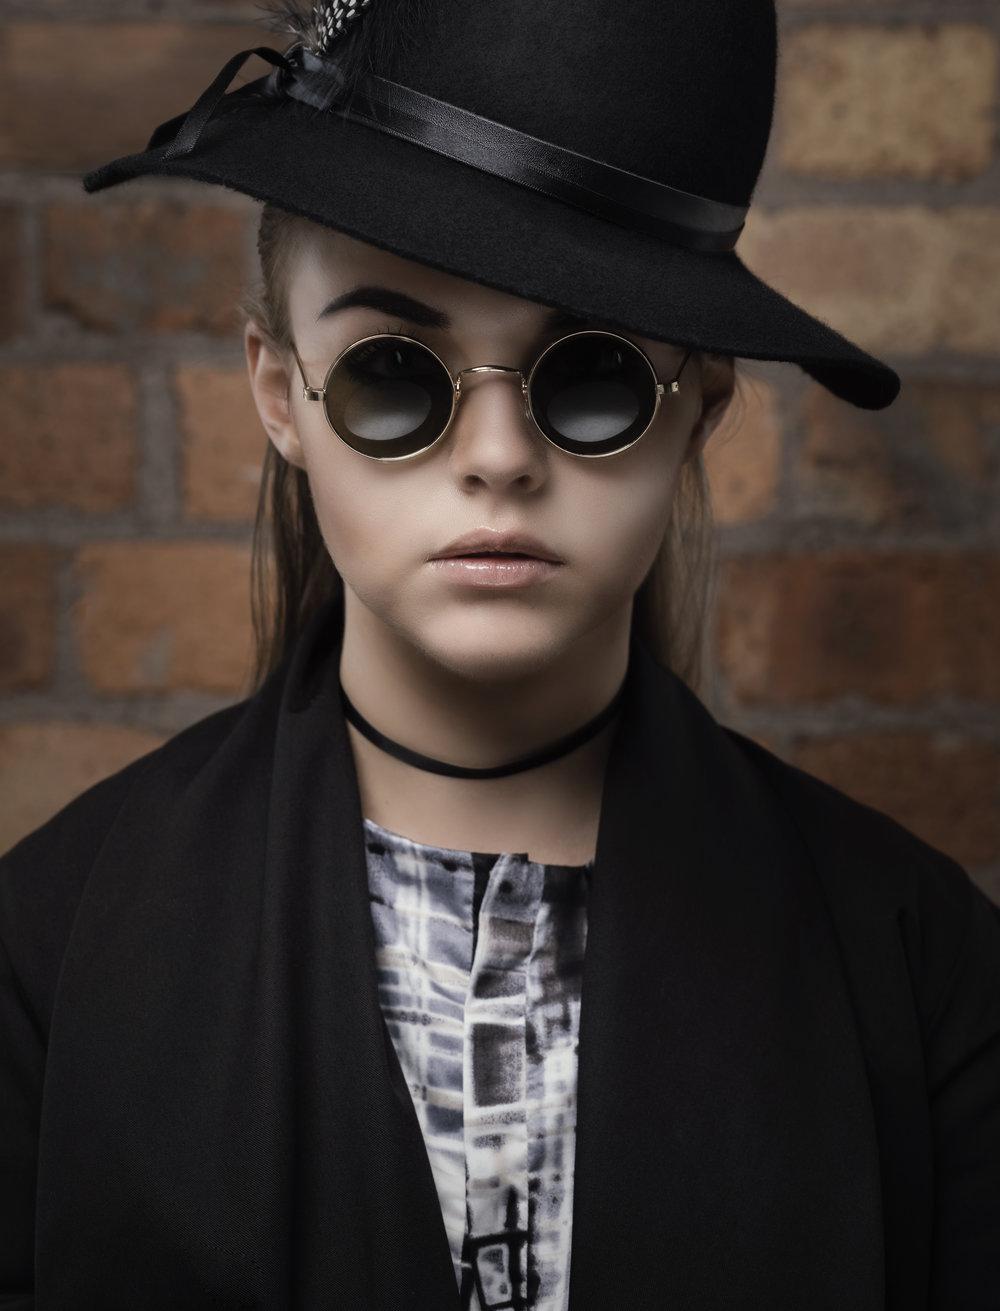 zaramia-ava-zaramiaava-leeds-fashion-designer-ethical-sustainable-glasses-versatile-drape-wrap-top-wrap-top-jacket-mio-black-white-grey-styling-hat-studio-womenswear-photoshoot-7